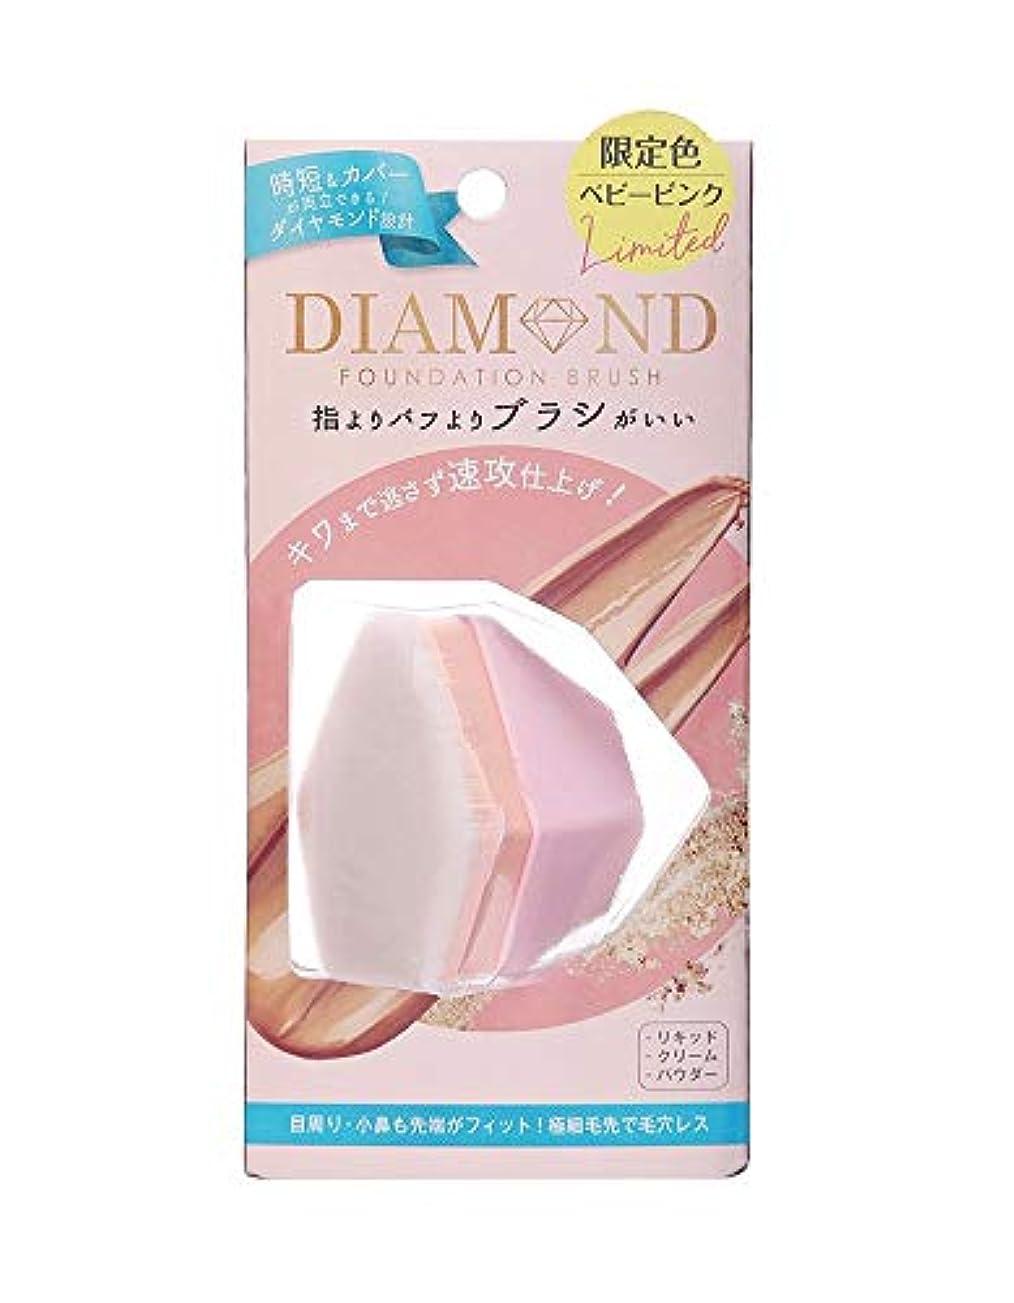 含める要塞気を散らすラッキーウィンク ダイヤモンドファンデーションブラシ ベビーピンク DIB1501